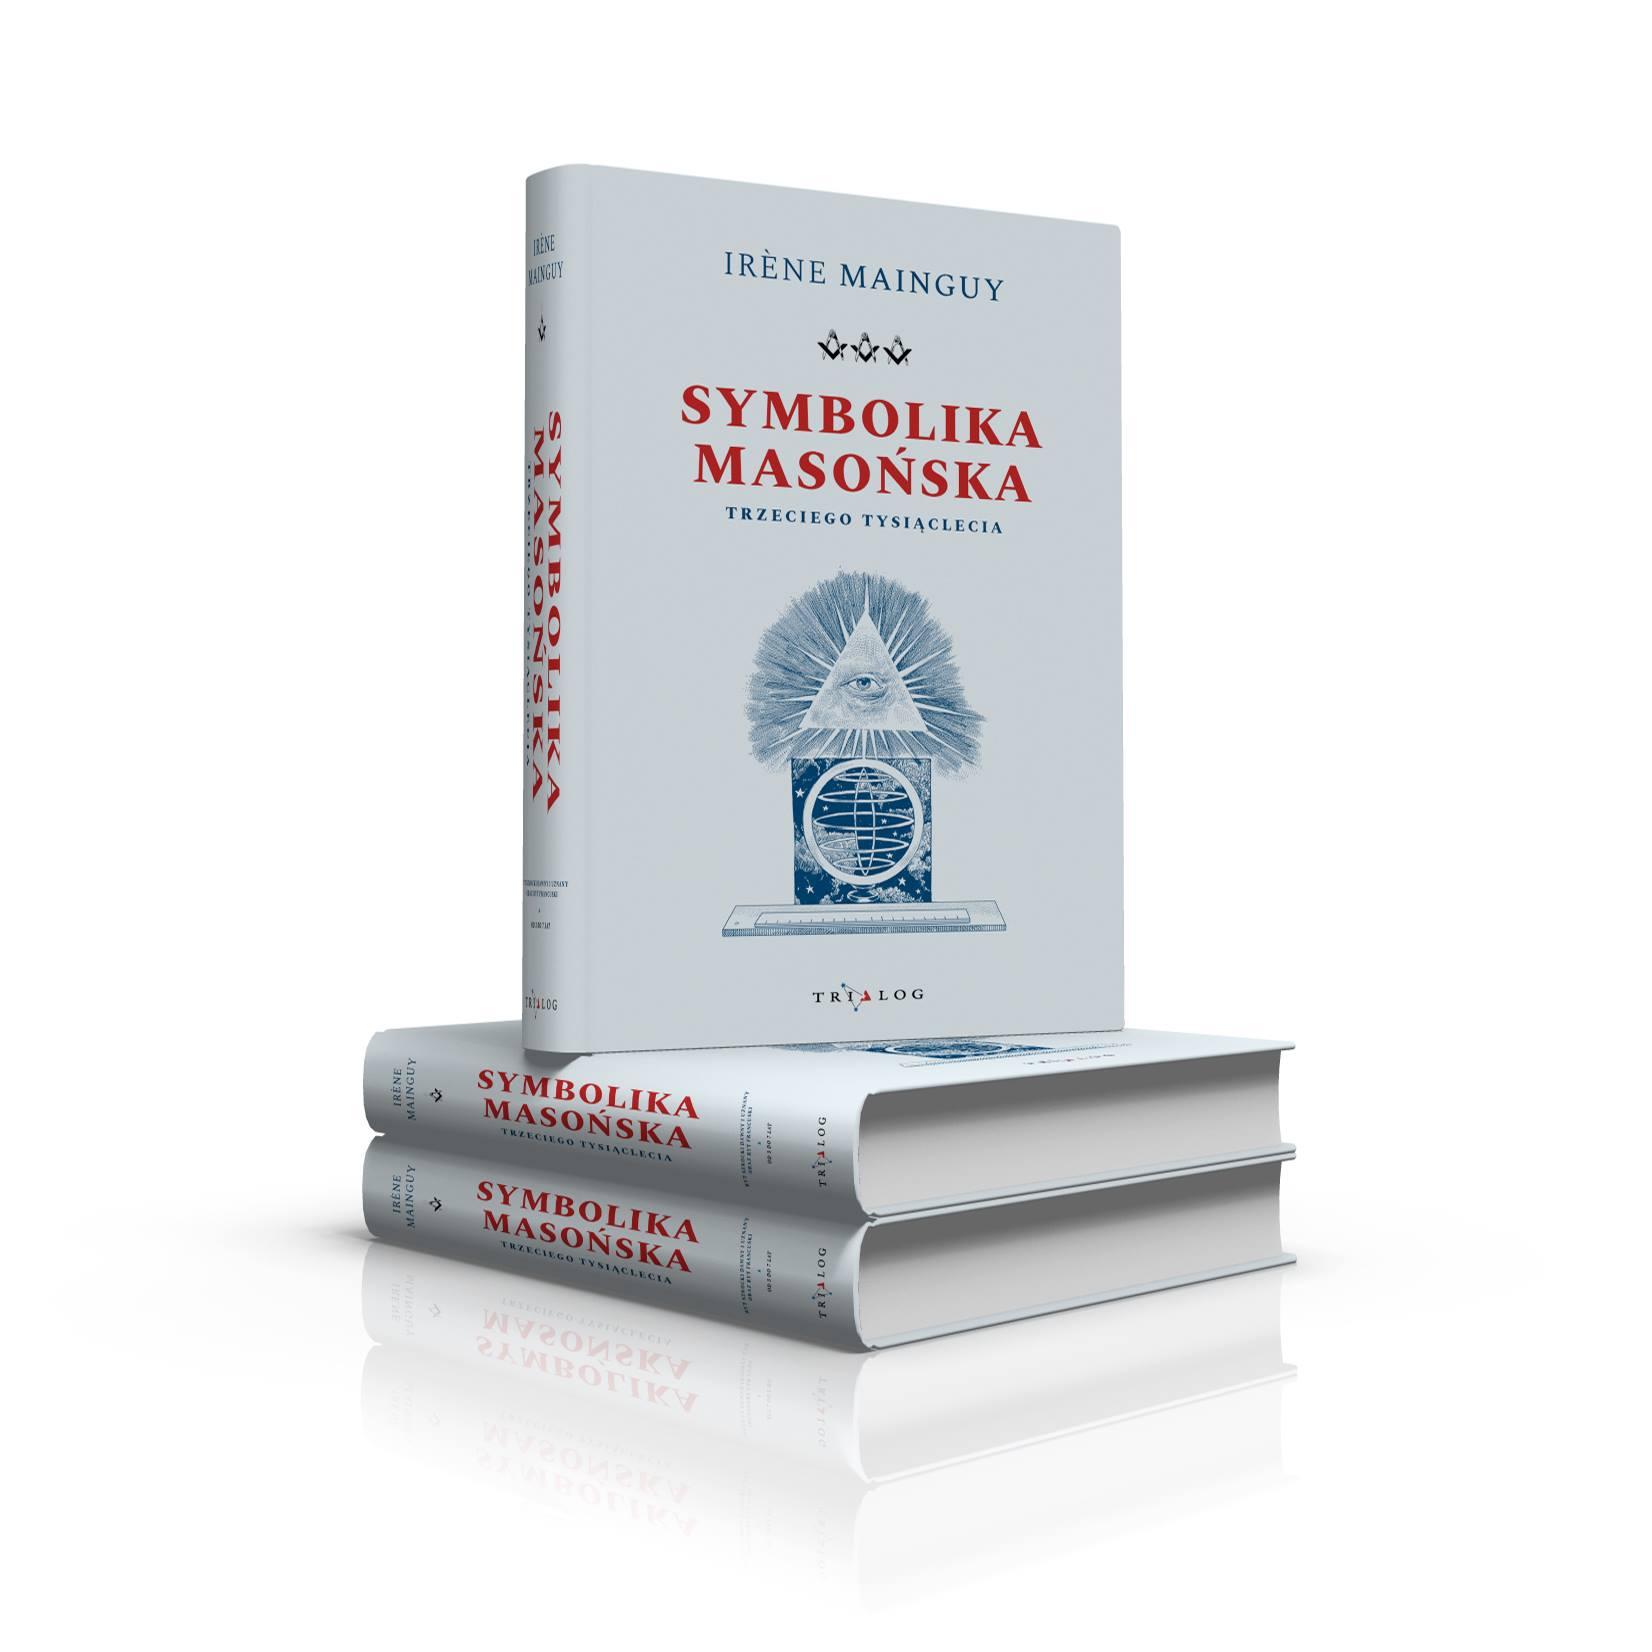 Symbolika Masońska Trzeciego Tysiąclecia - Irène Mainguy